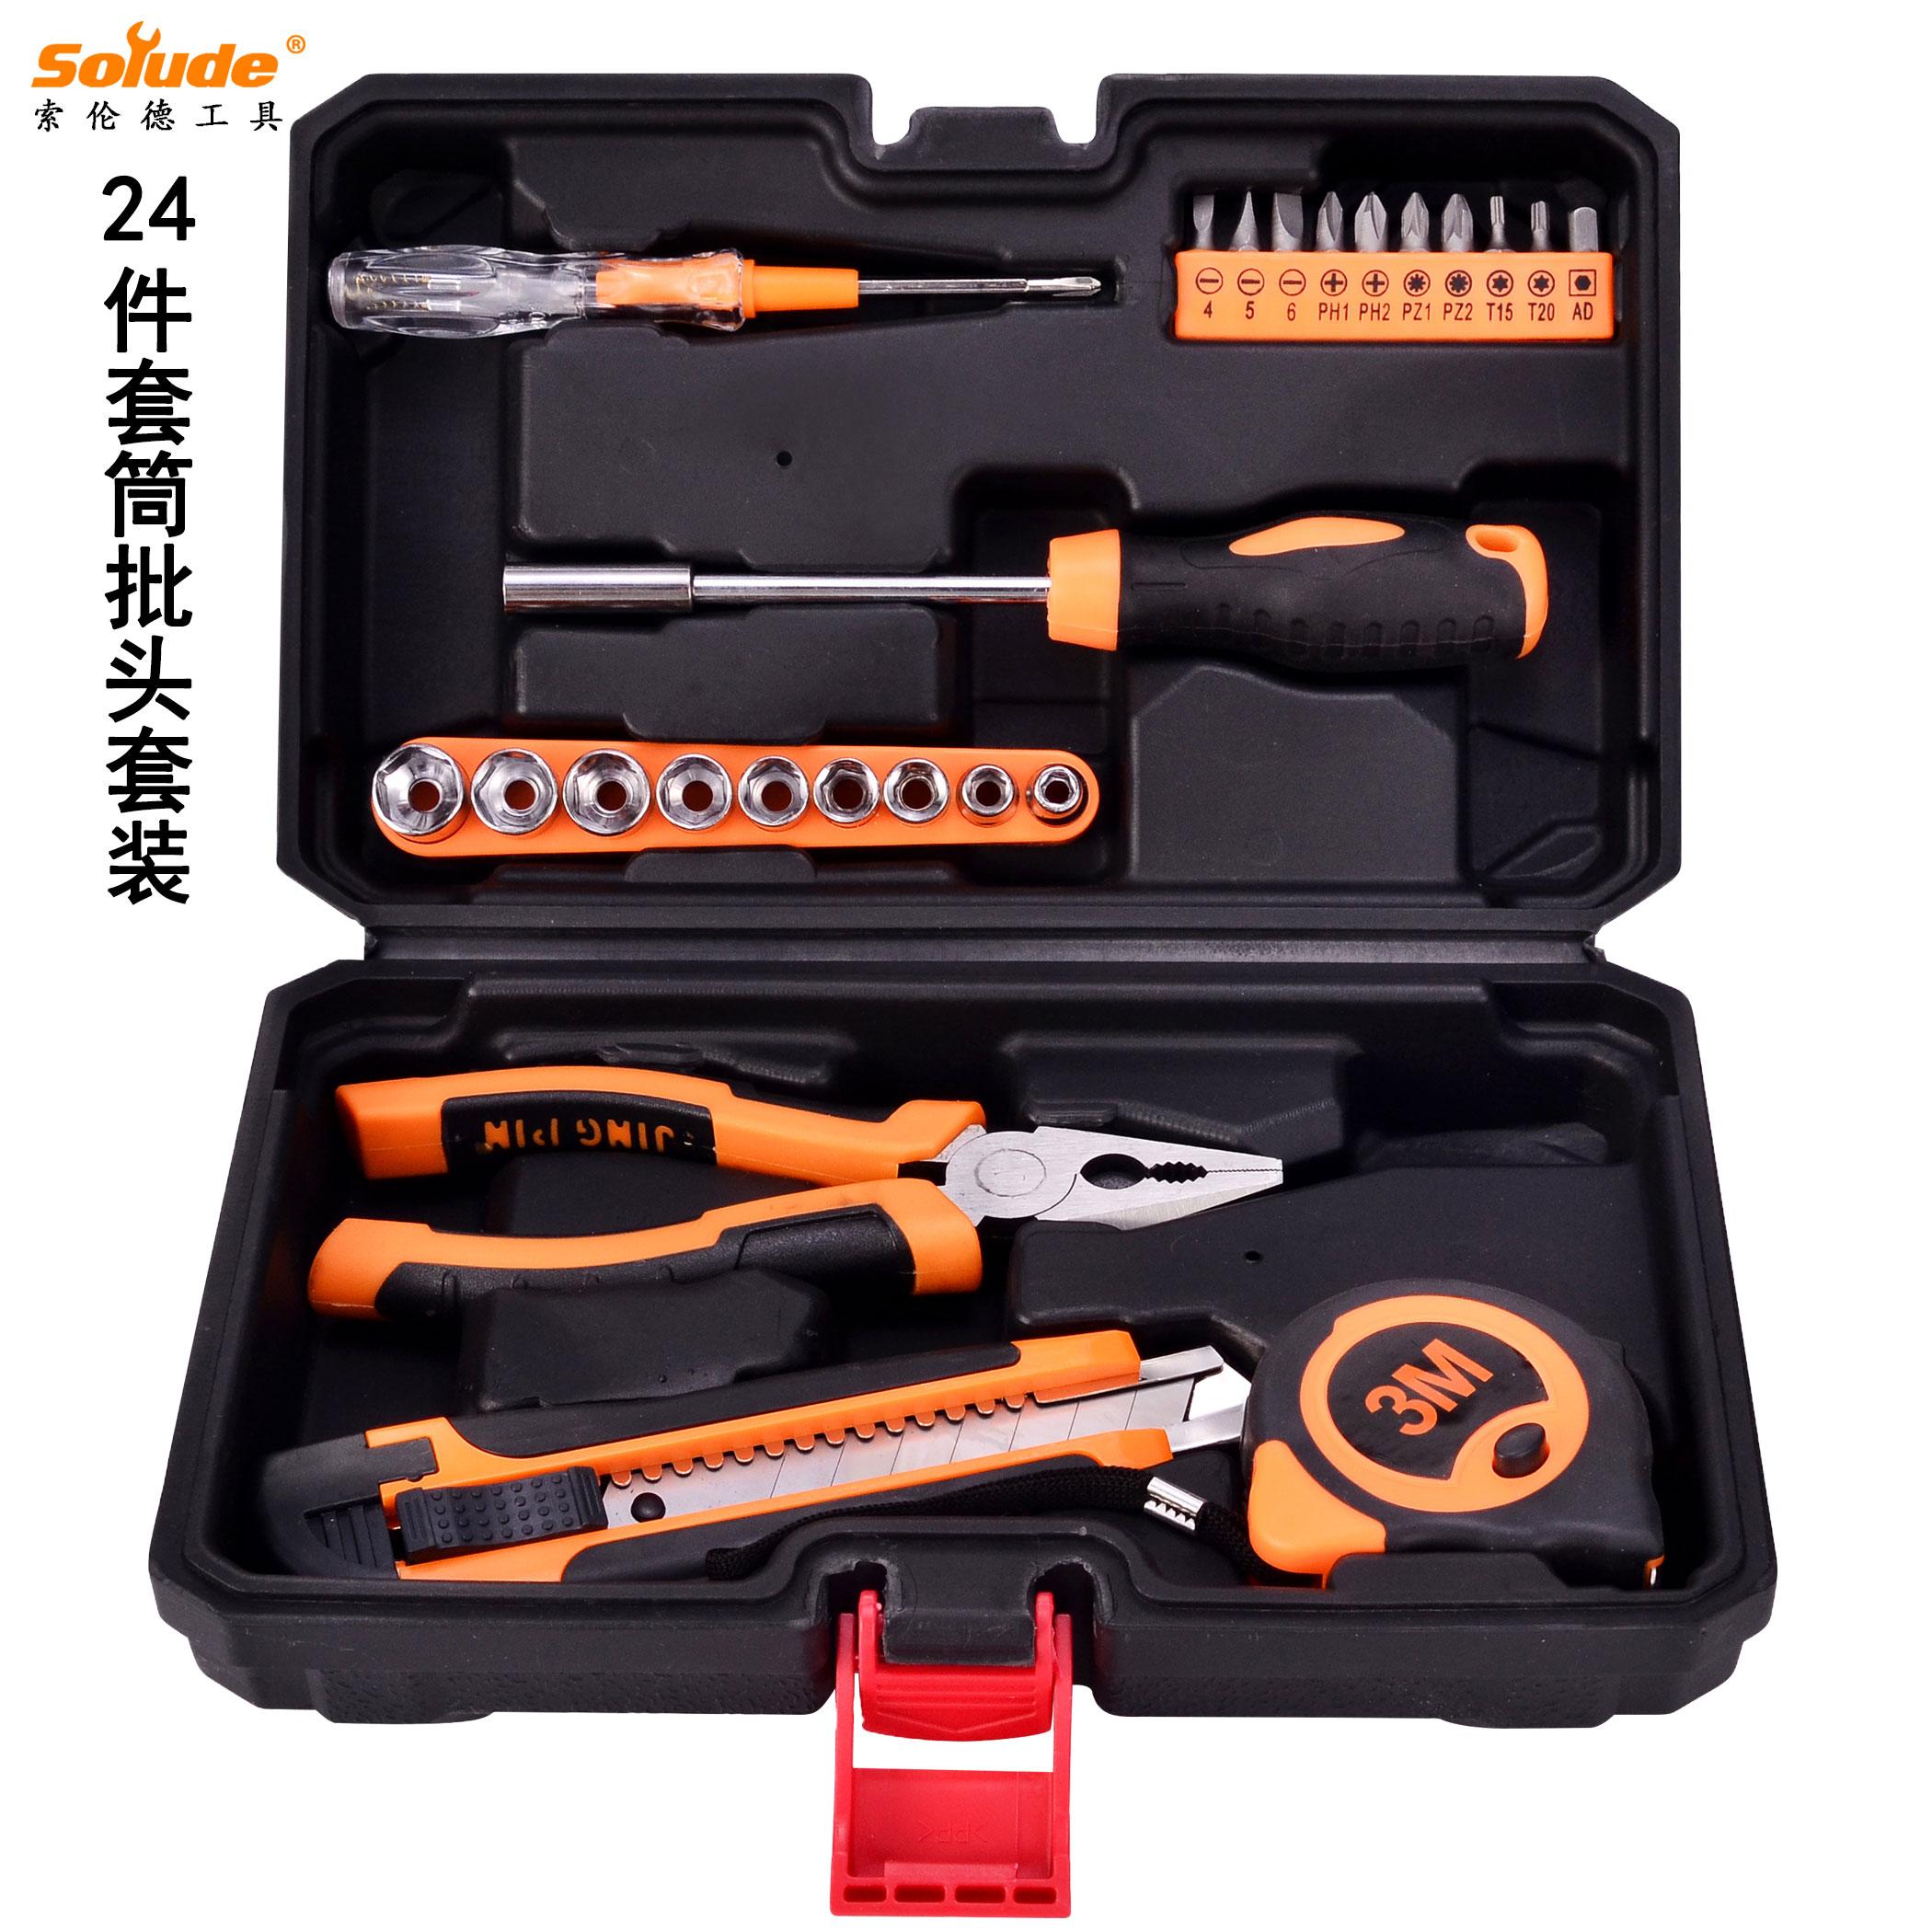 Di Nuovo A Casa di Hardware 索伦德 elettricista manutenzione di attrezzi per la combinazione di Legno rivestiti di strumenti 巨惠 Borsa posta.